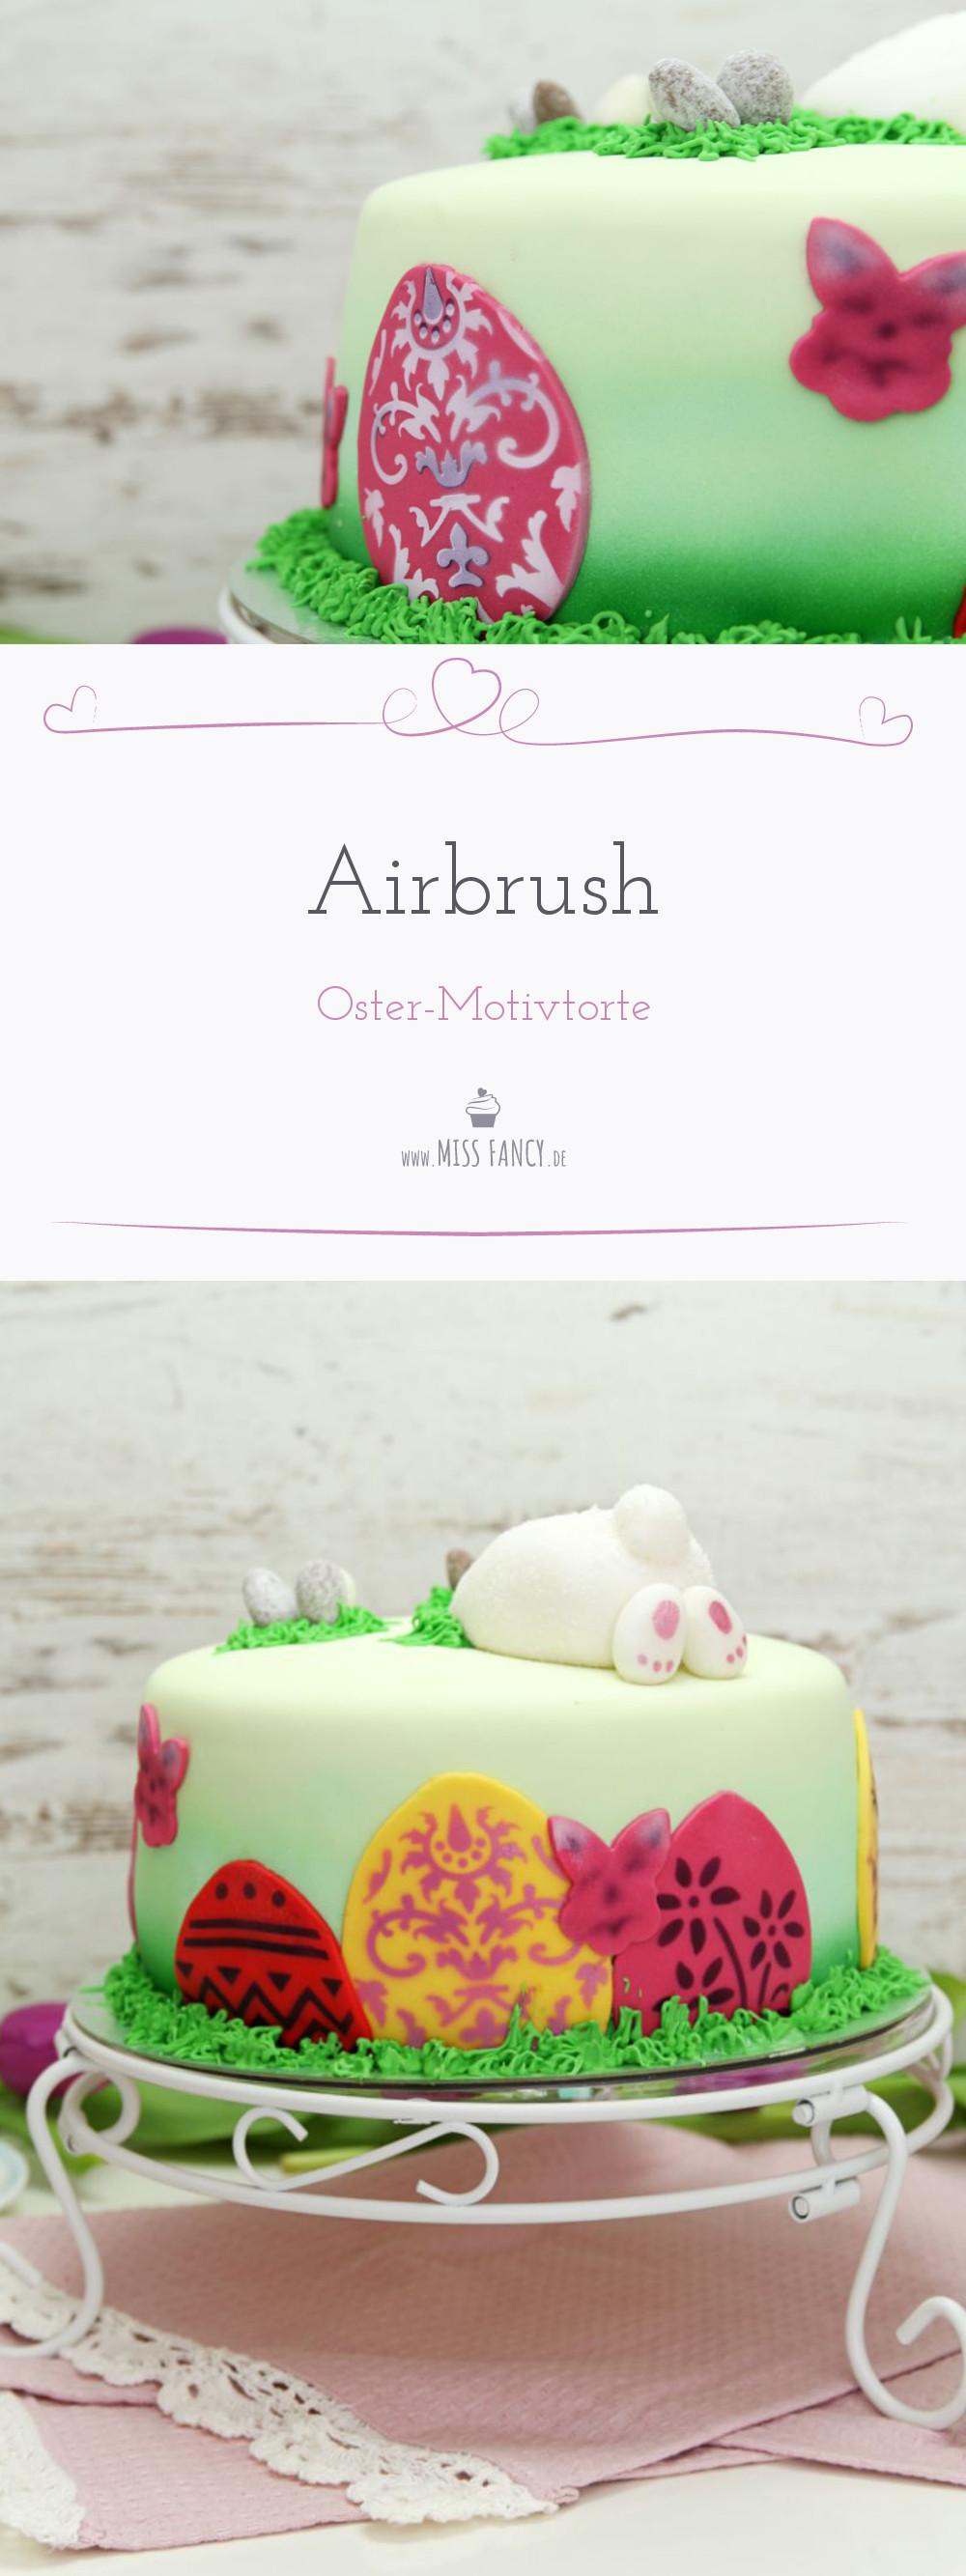 Oster-Motivtorte mit Airbrush - Rezept und Anleitung